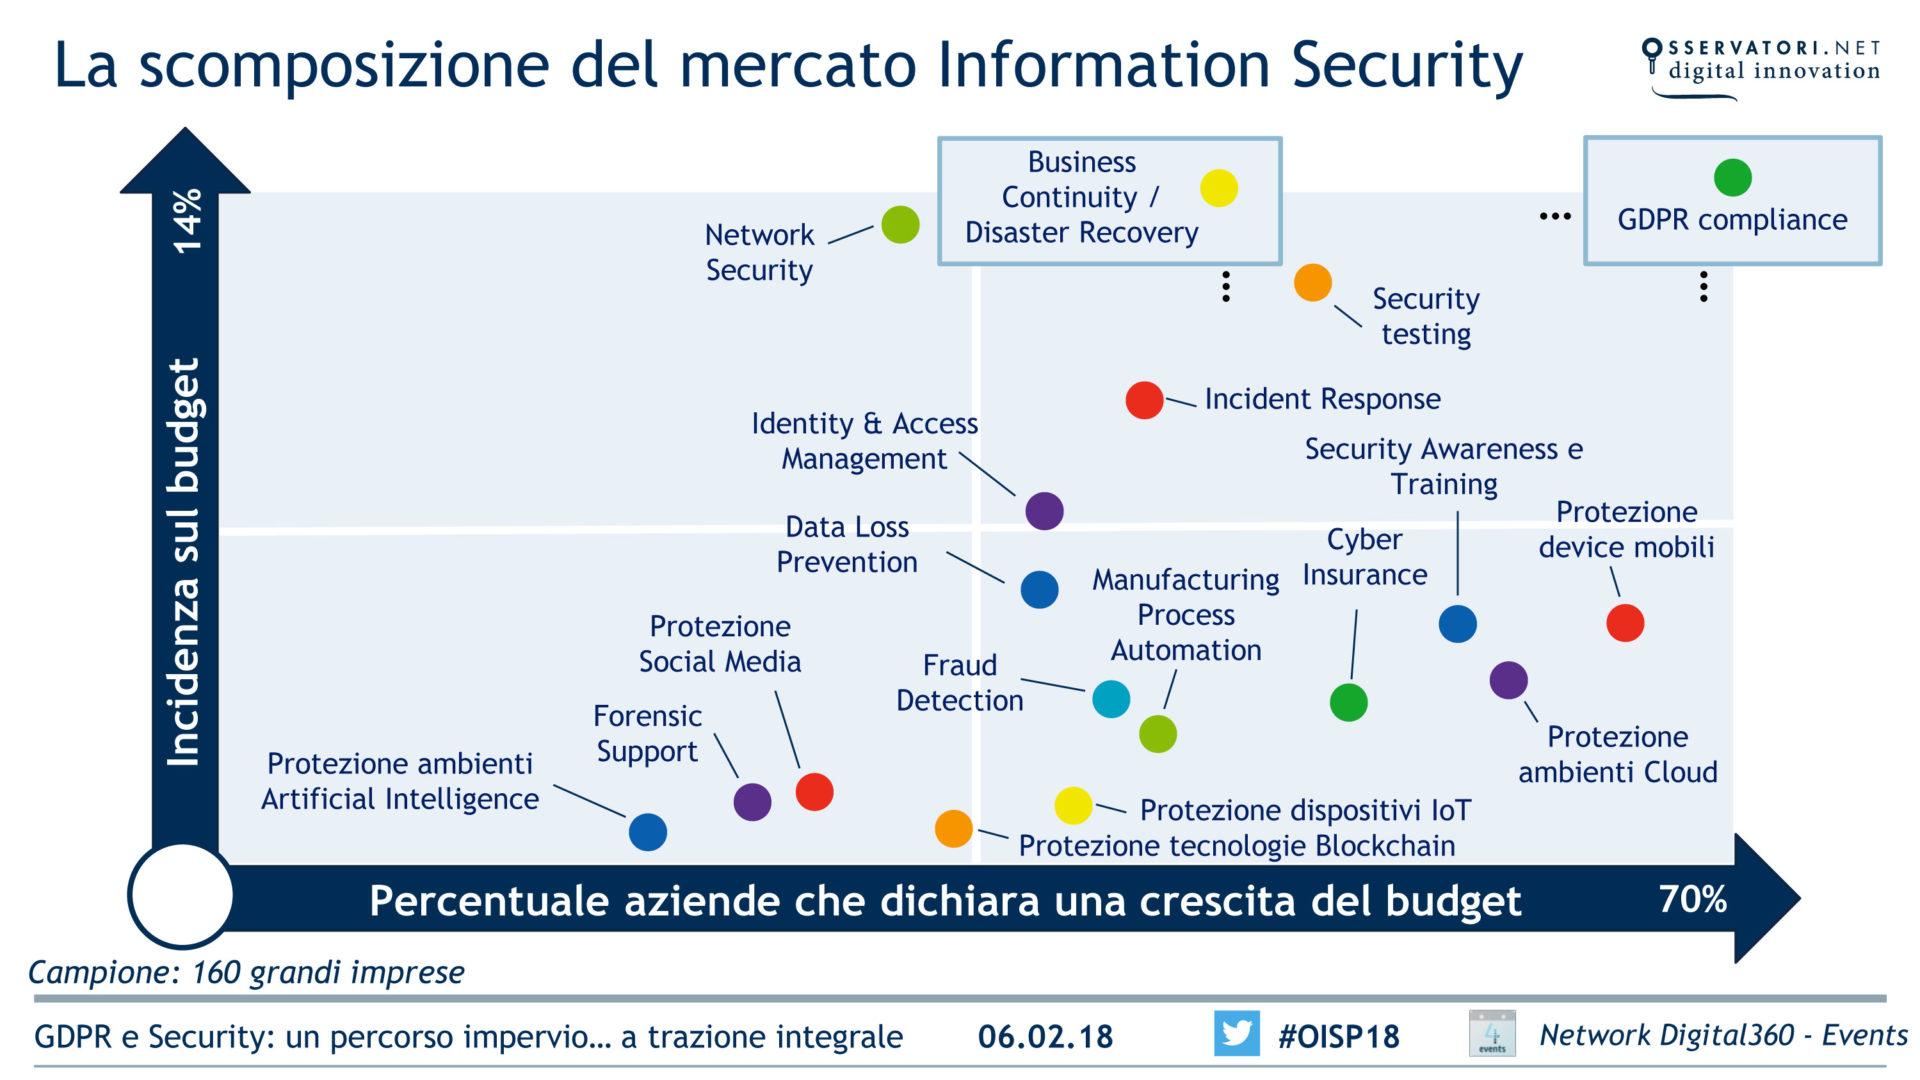 scomposizione del mercato Information Security